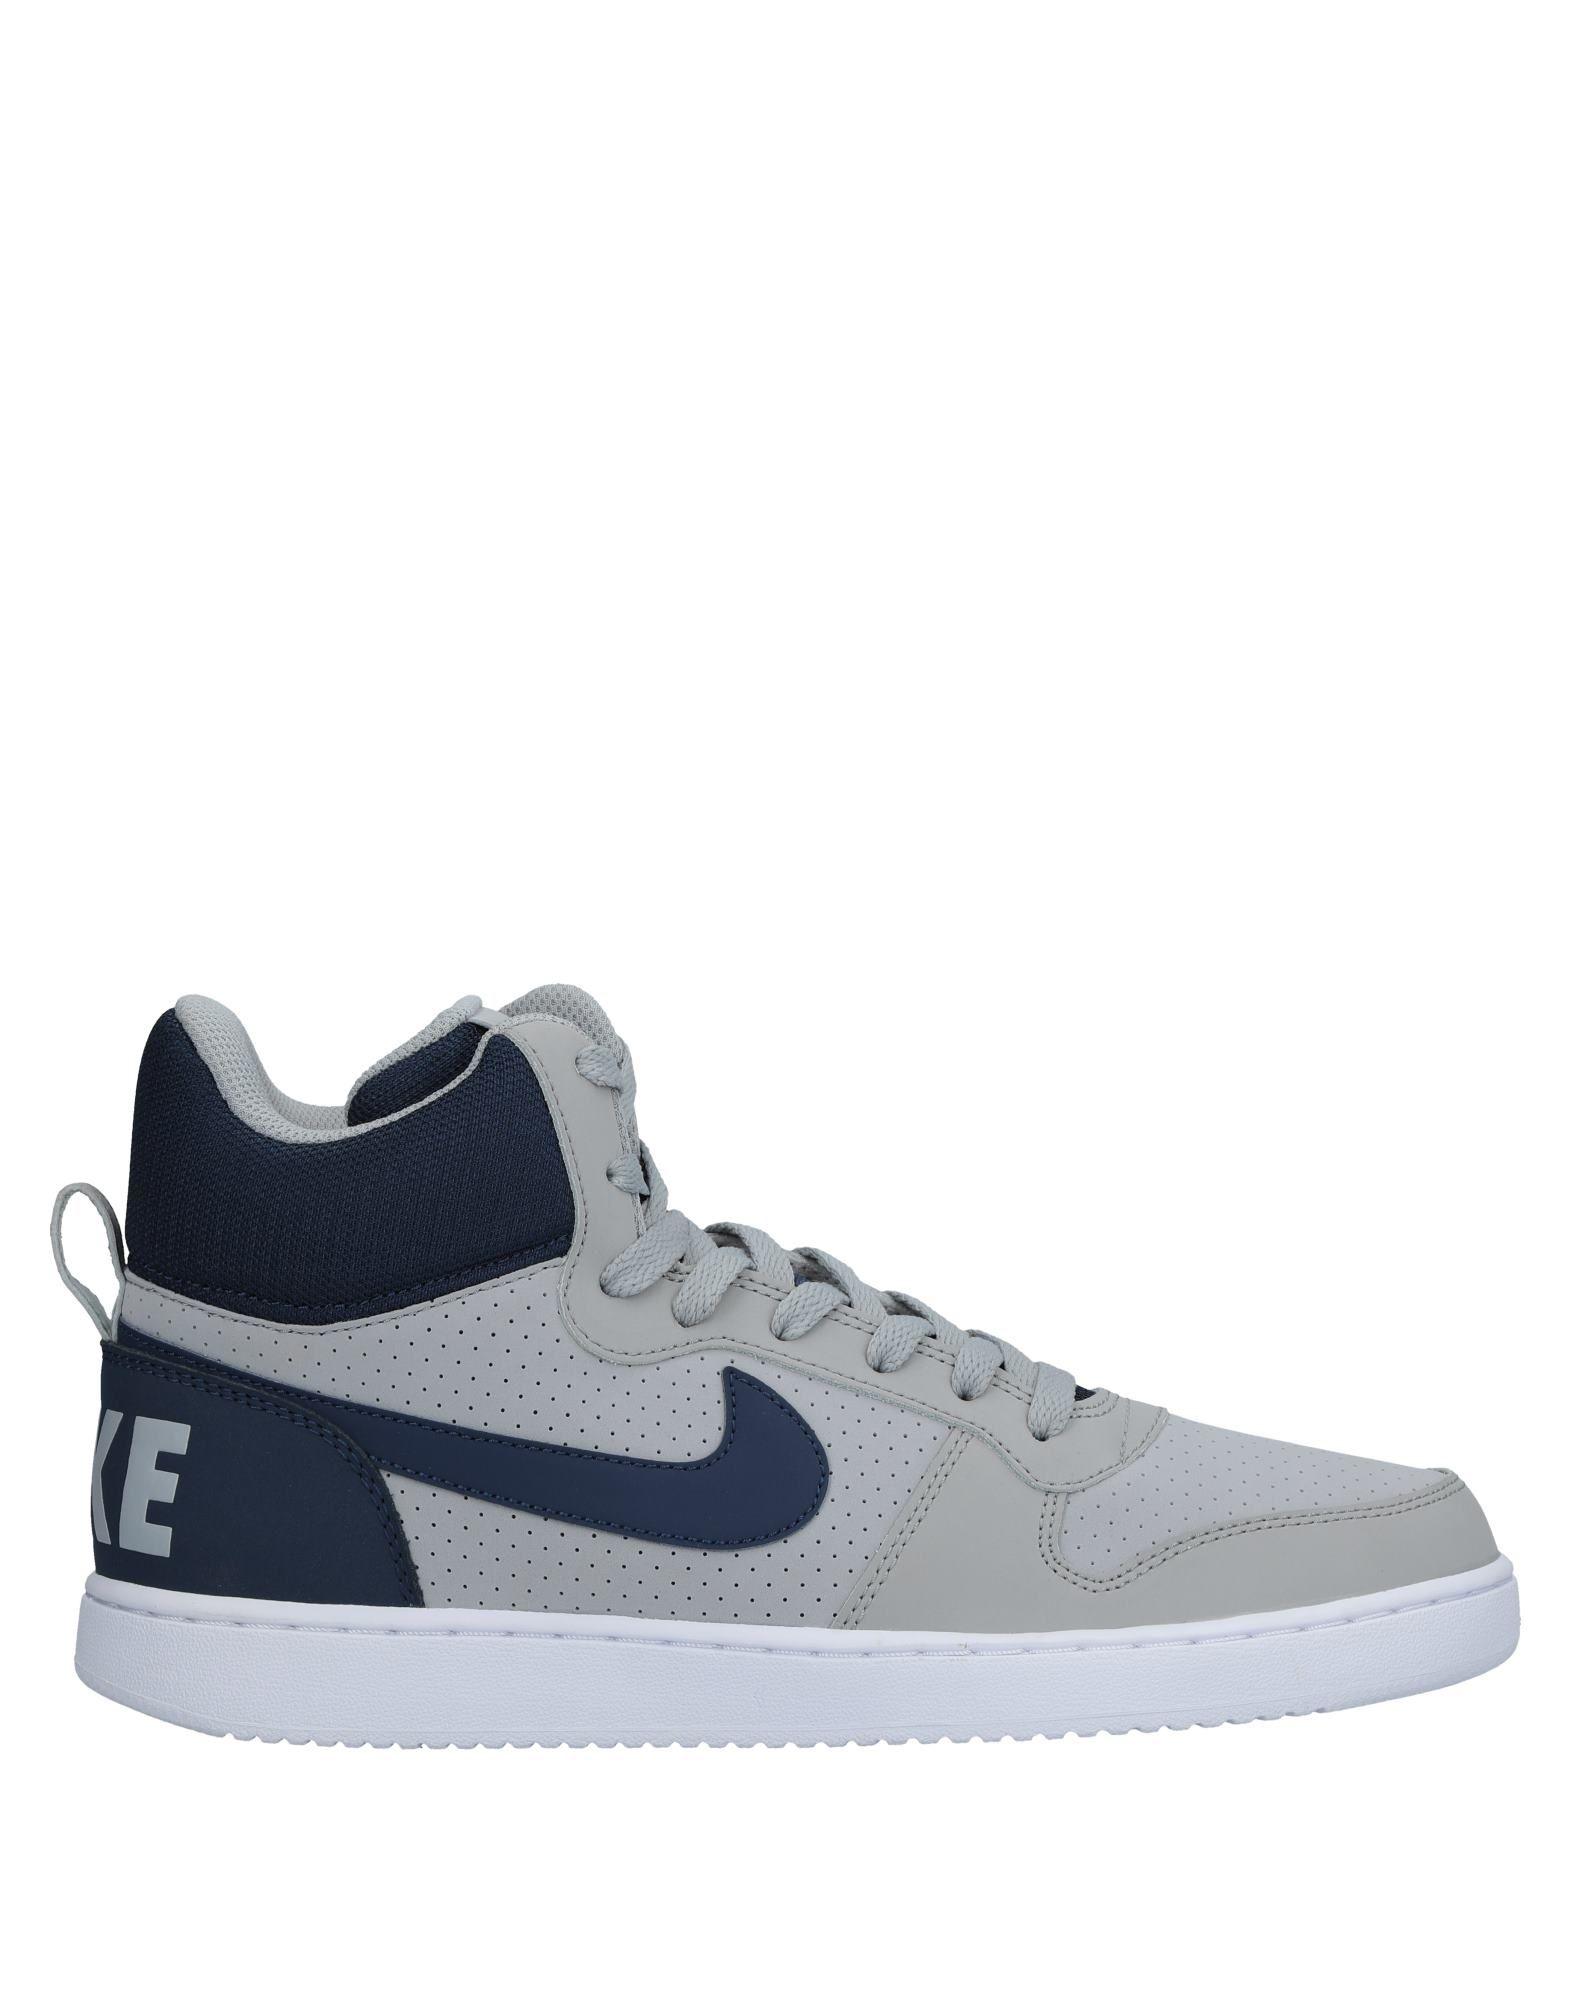 Scarpe economiche e resistenti Sneakers Nike Uomo - 11392027RP